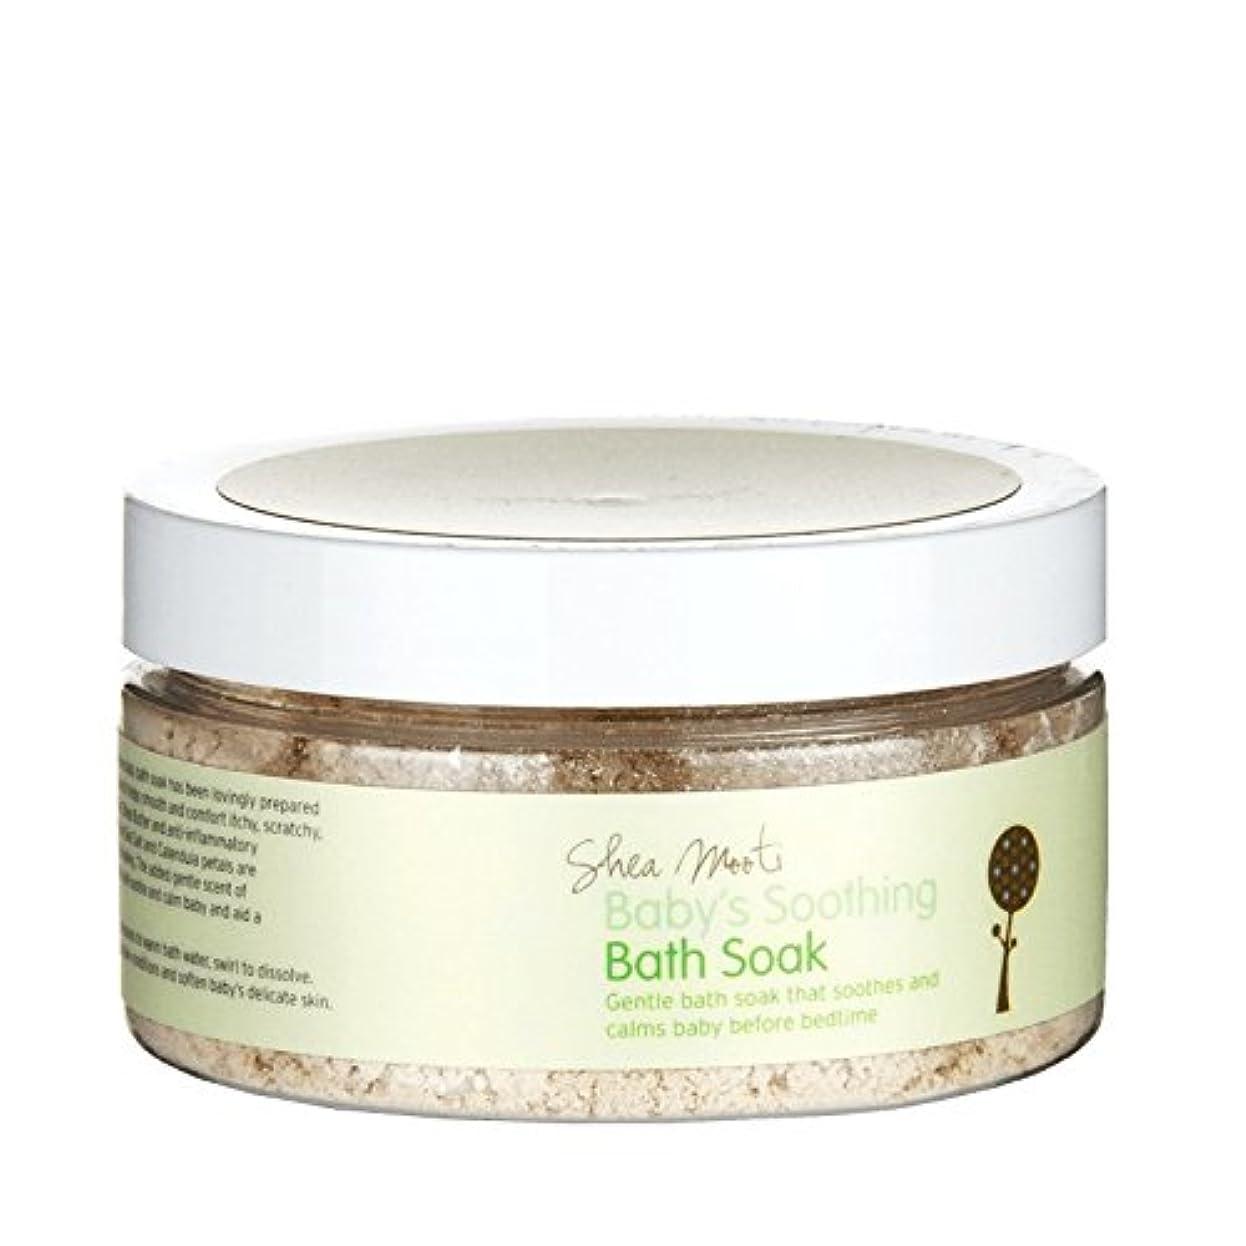 戸惑うアルカトラズ島うめきShea Mooti Baby's Soothing Bath Soak 130g (Pack of 2) - シアバターMooti赤ちゃんの癒しのお風呂は、130グラムを浸し (x2) [並行輸入品]